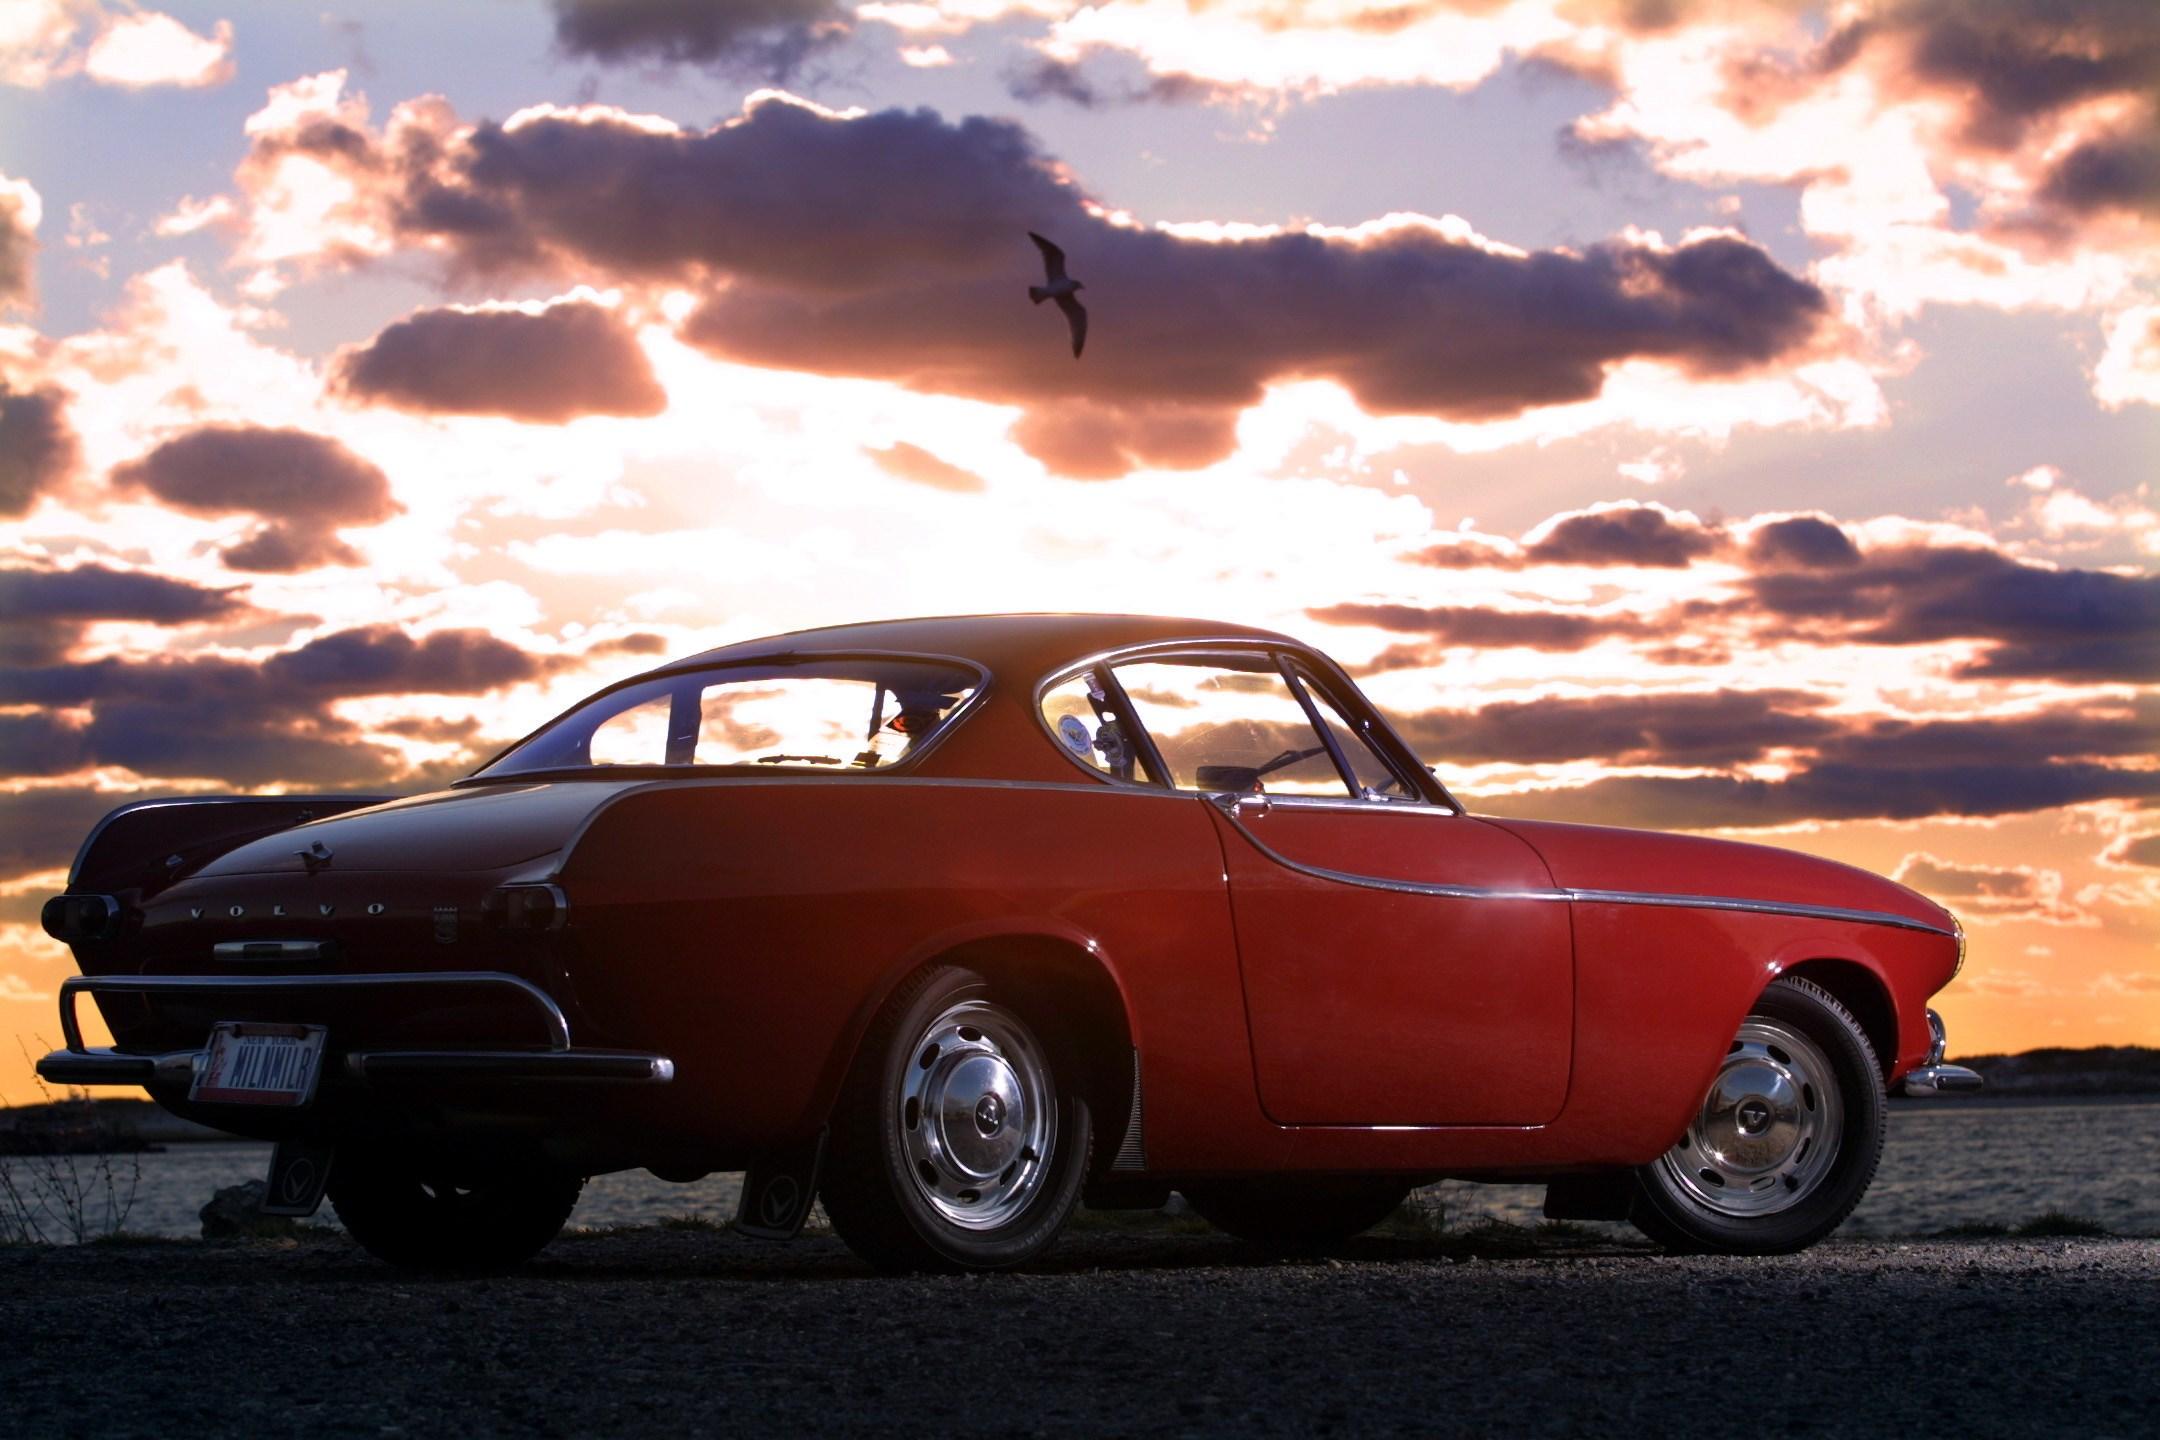 De Amerikaan Irv Gordon reed meer dan vijf miljoen kilometer in deze Volvo P1800.